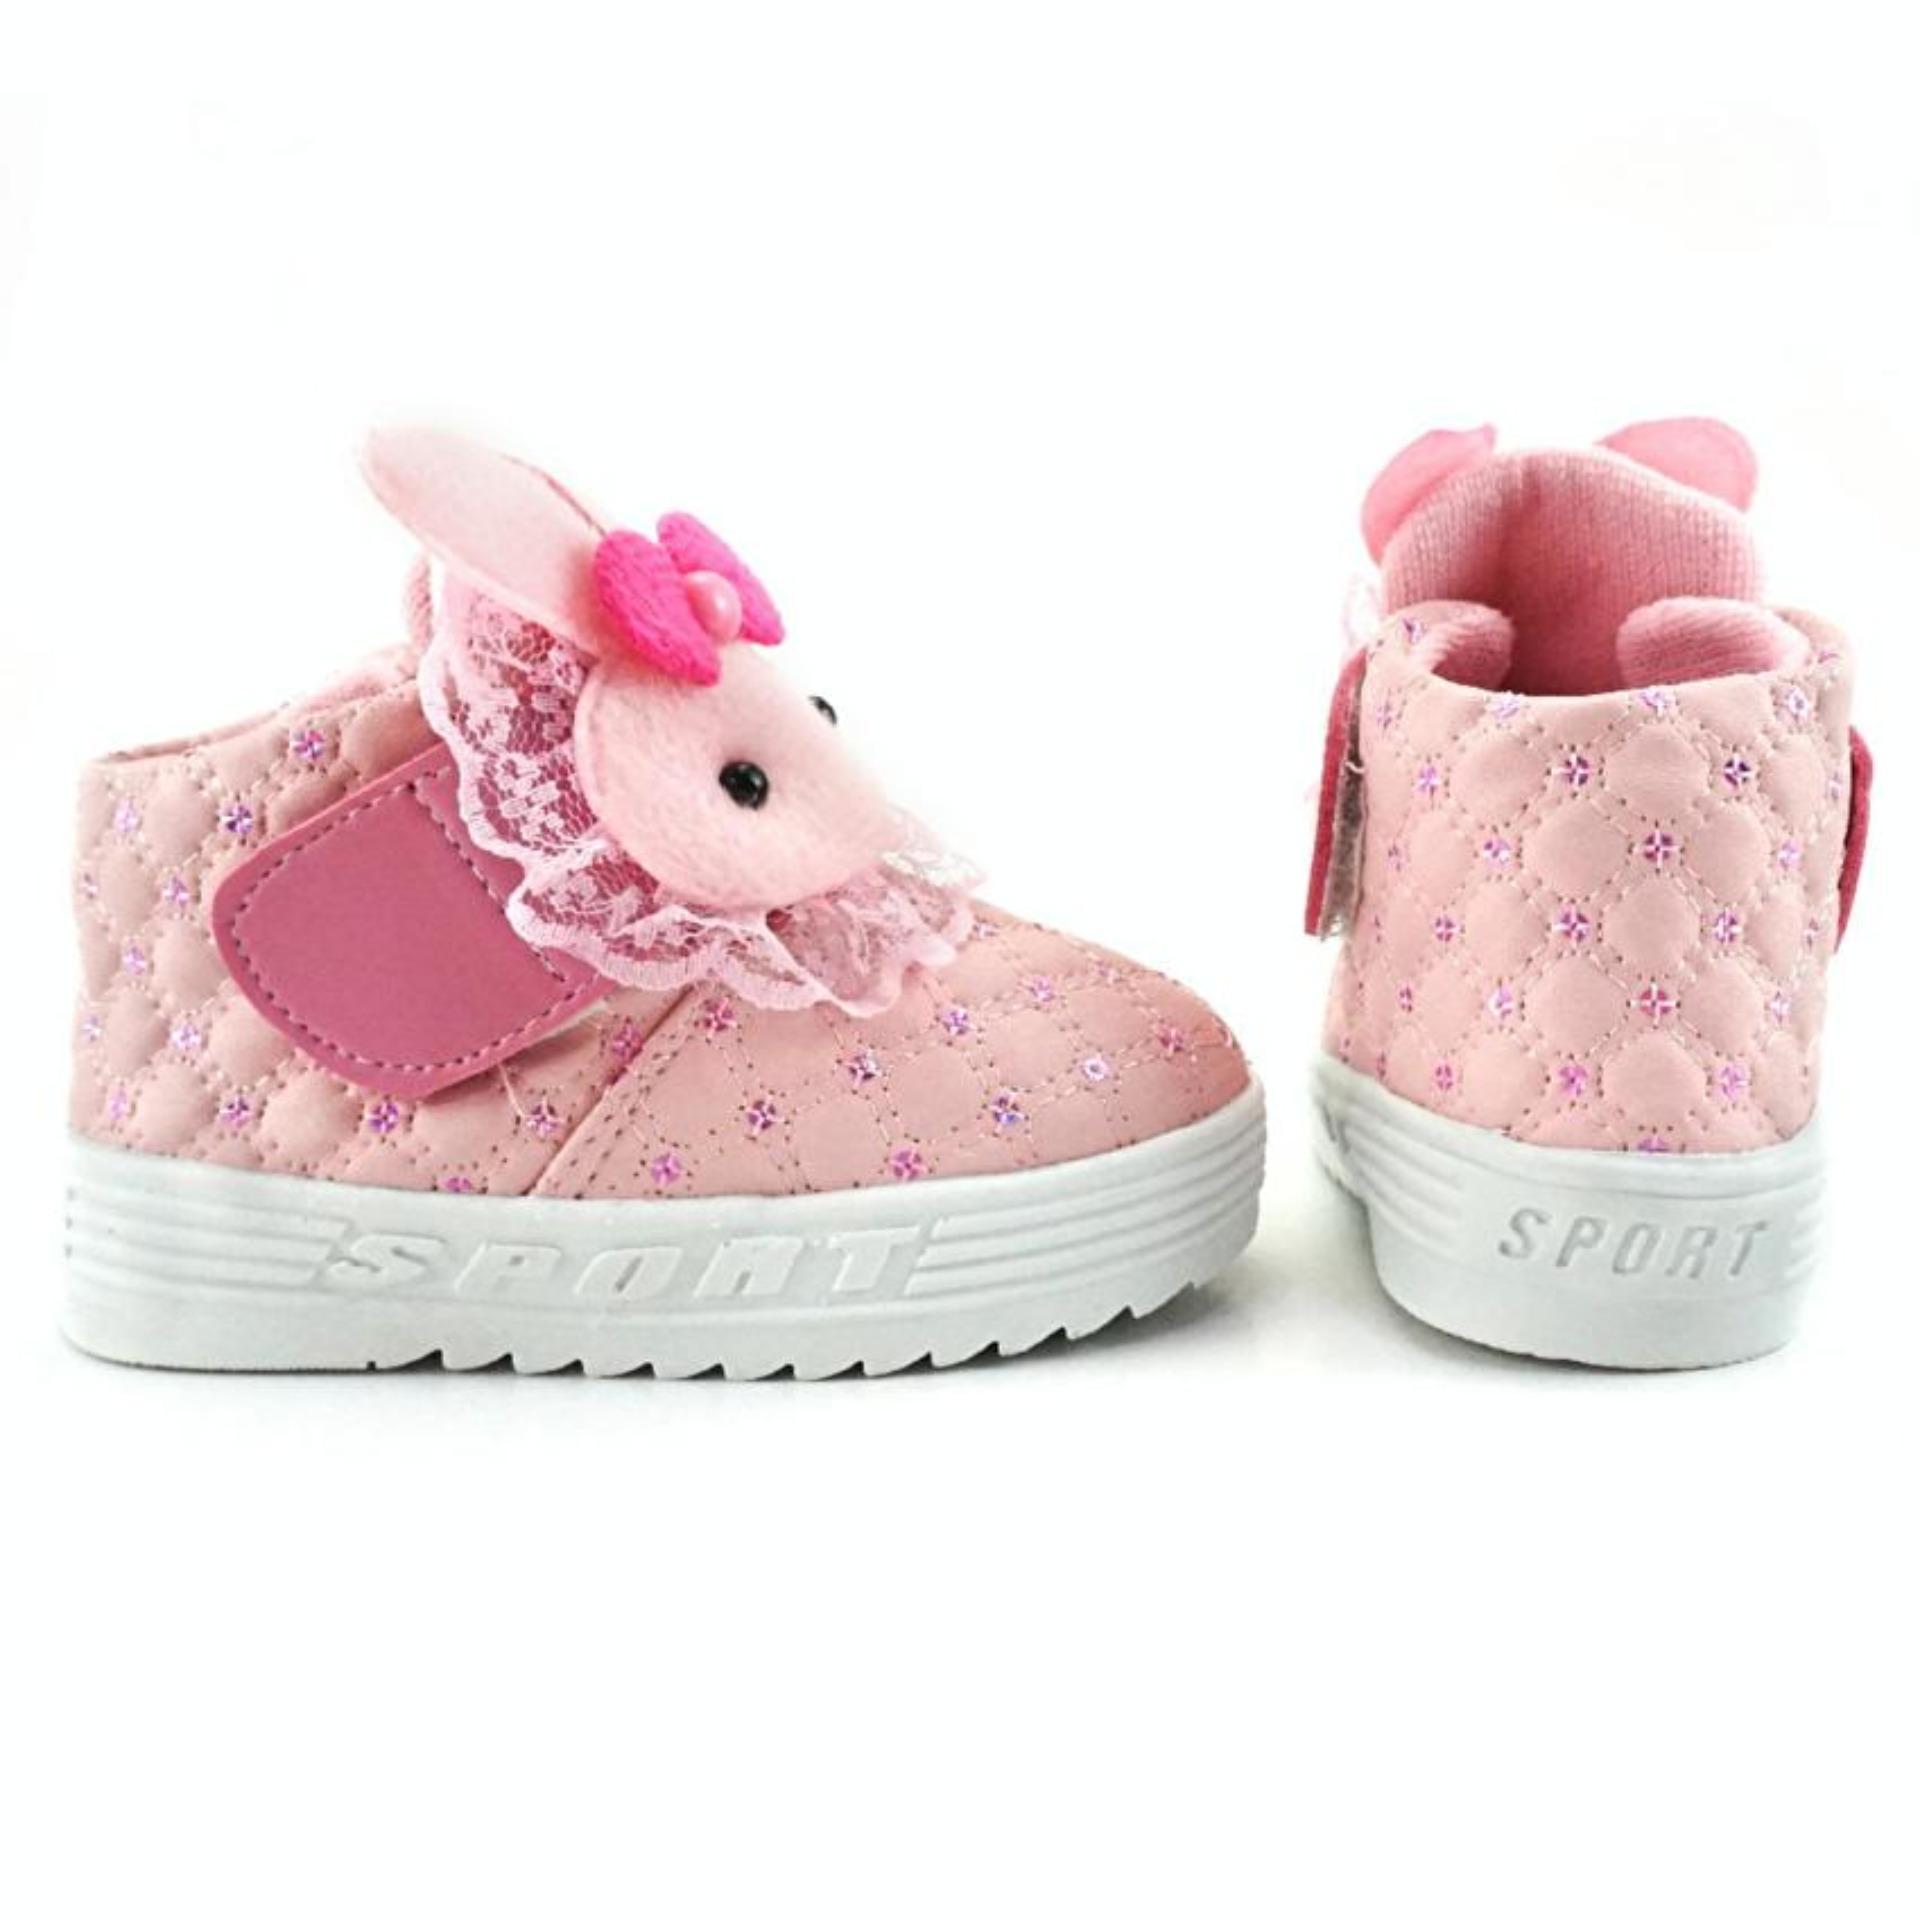 Sepatu Boot Anak Perempuan Boneka Pink Mc ..